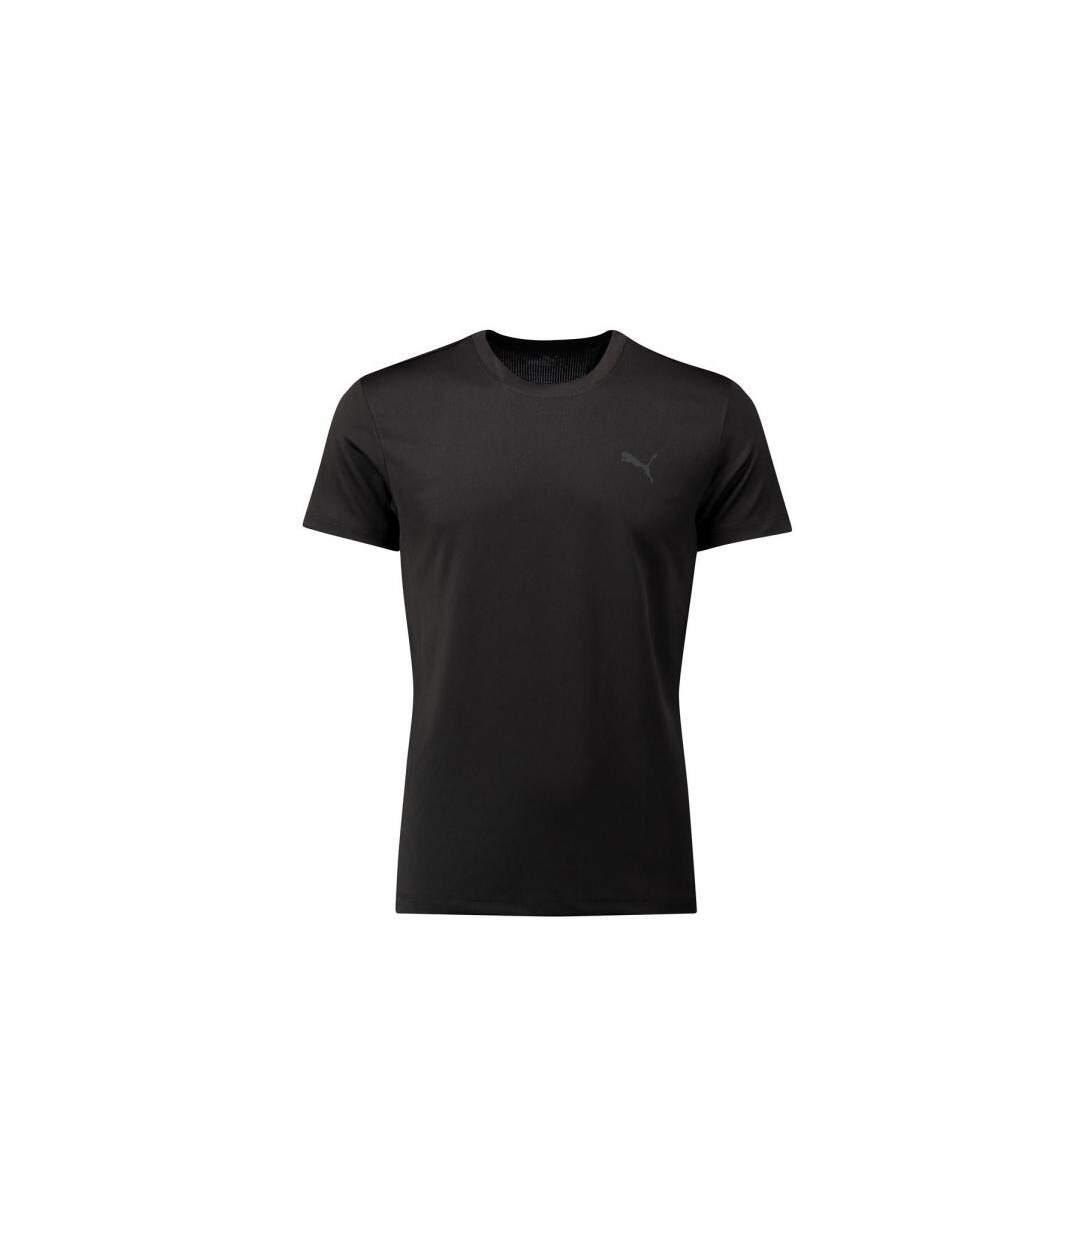 PUMA T-shirt Col rond Homme Microfibre ACTIVE CREWTEE Noir